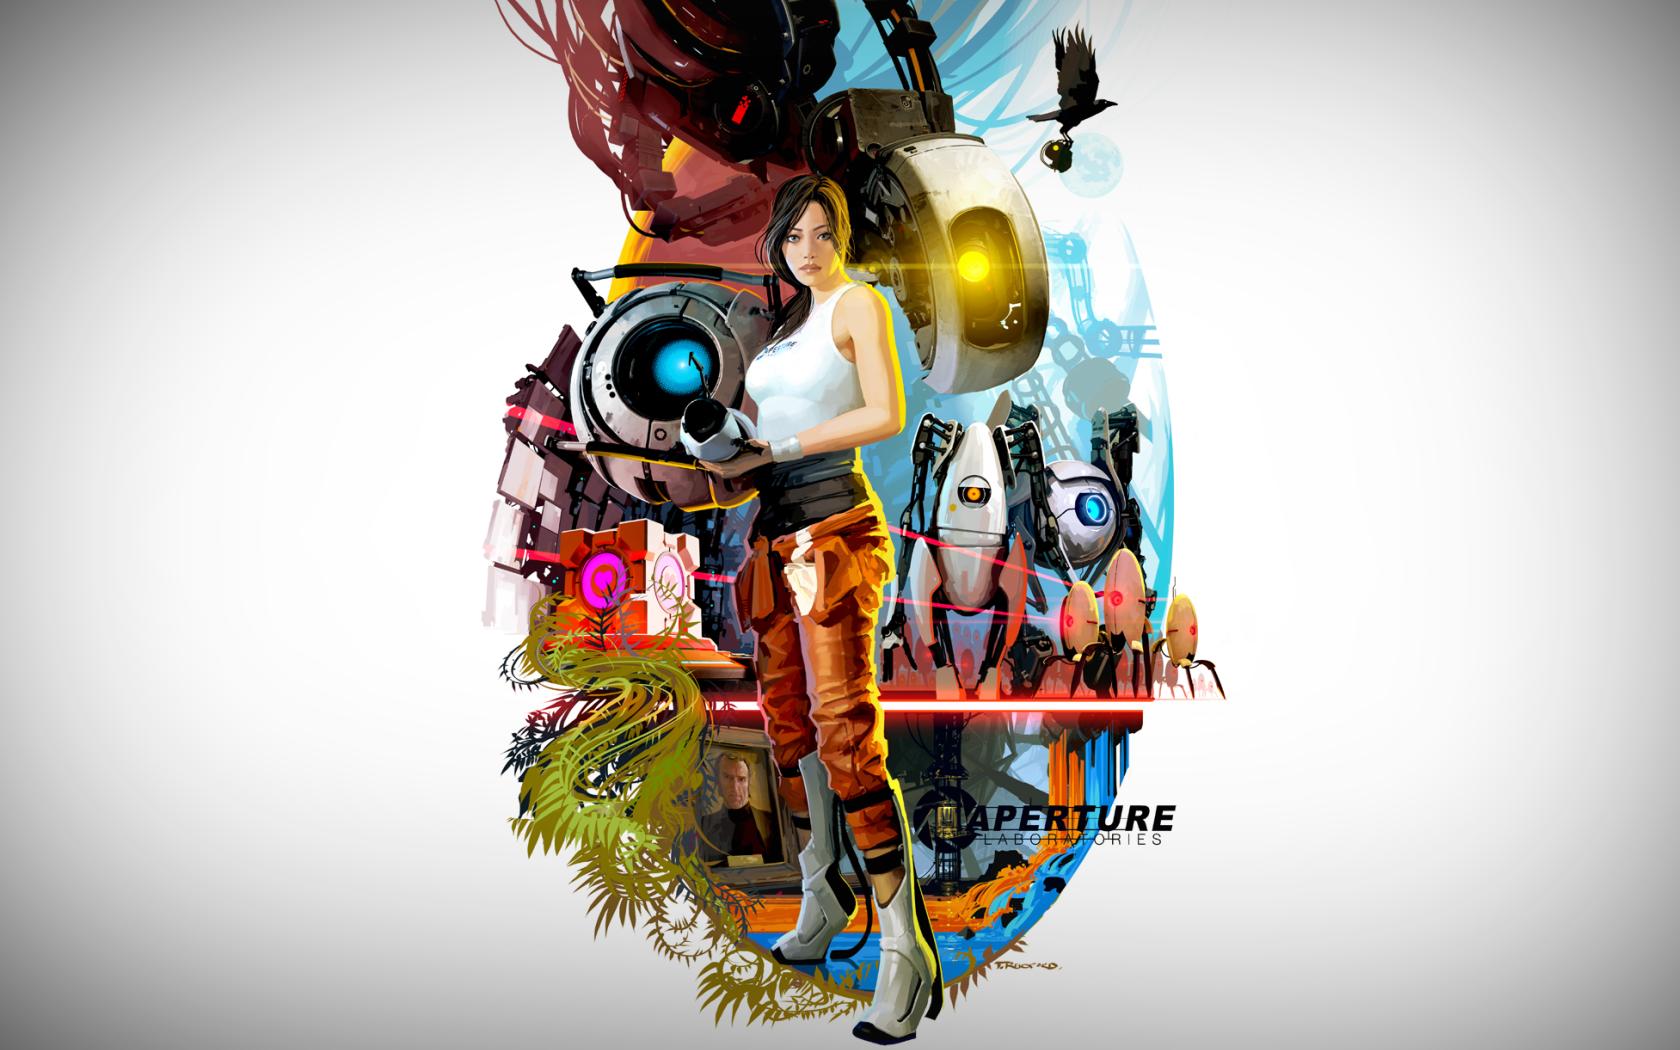 gamer wallpaper art d5aomlw - photo #49